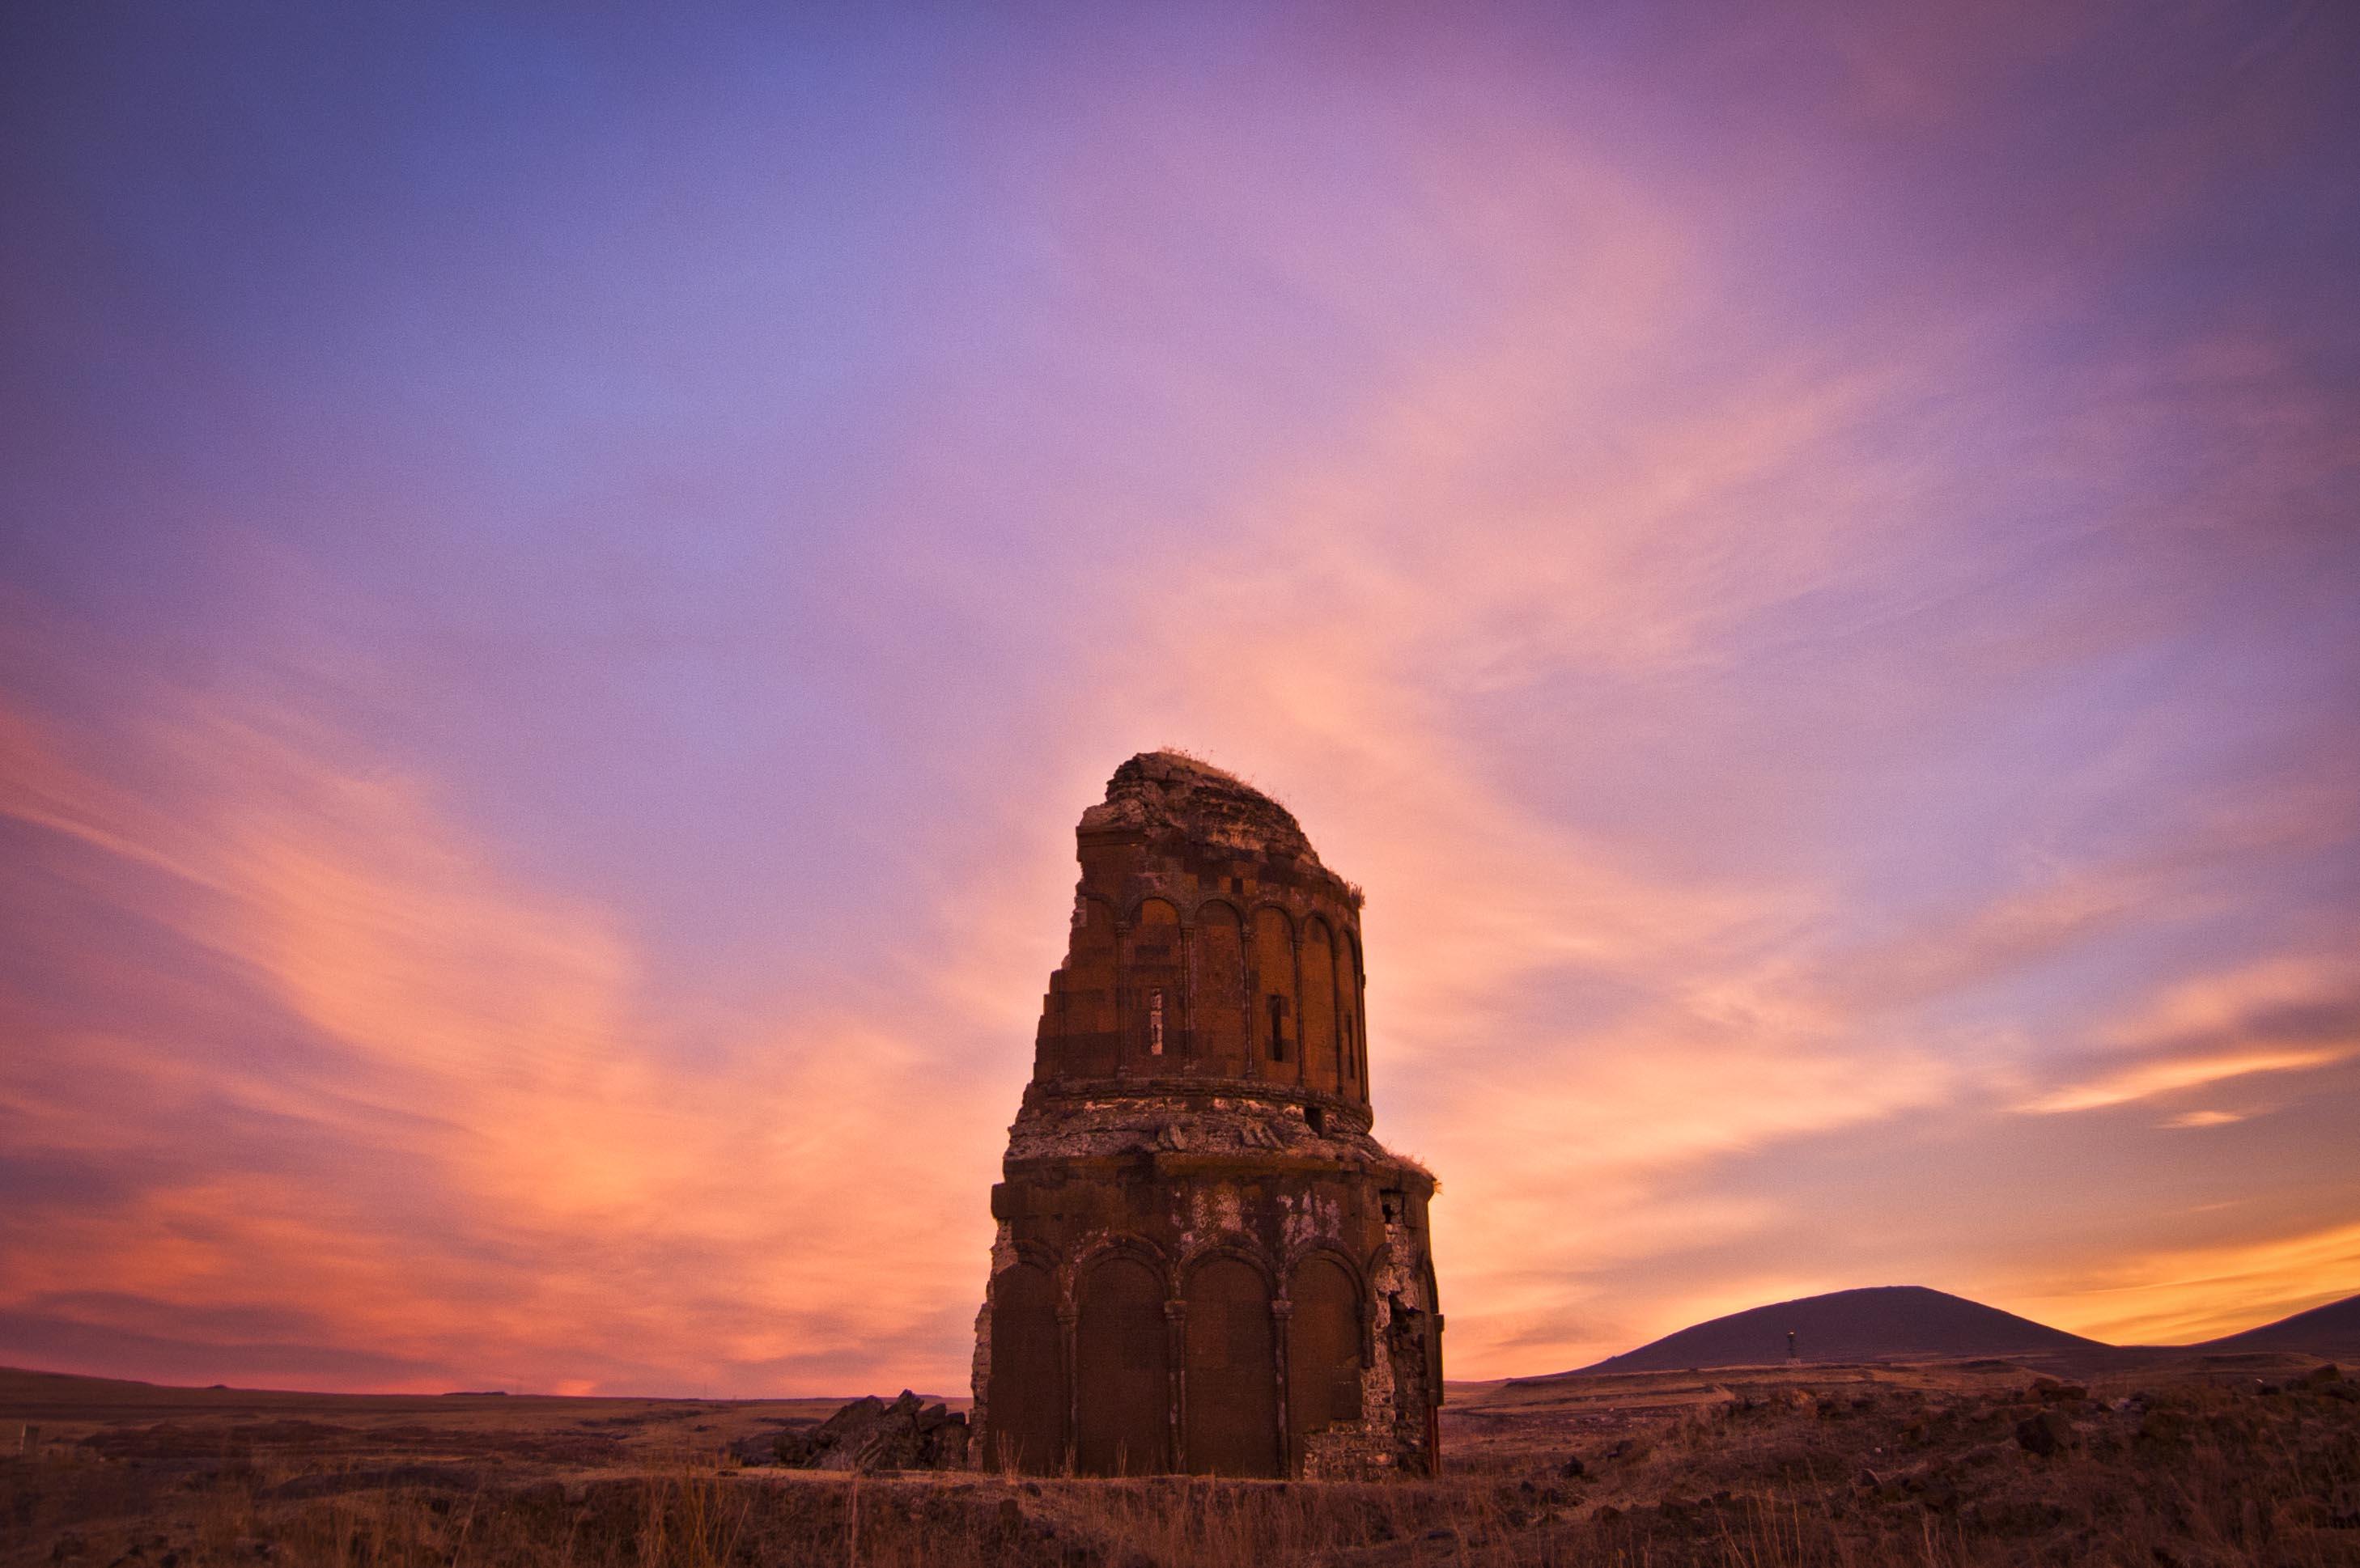 Turchia - Ani, chiesa del Redentore